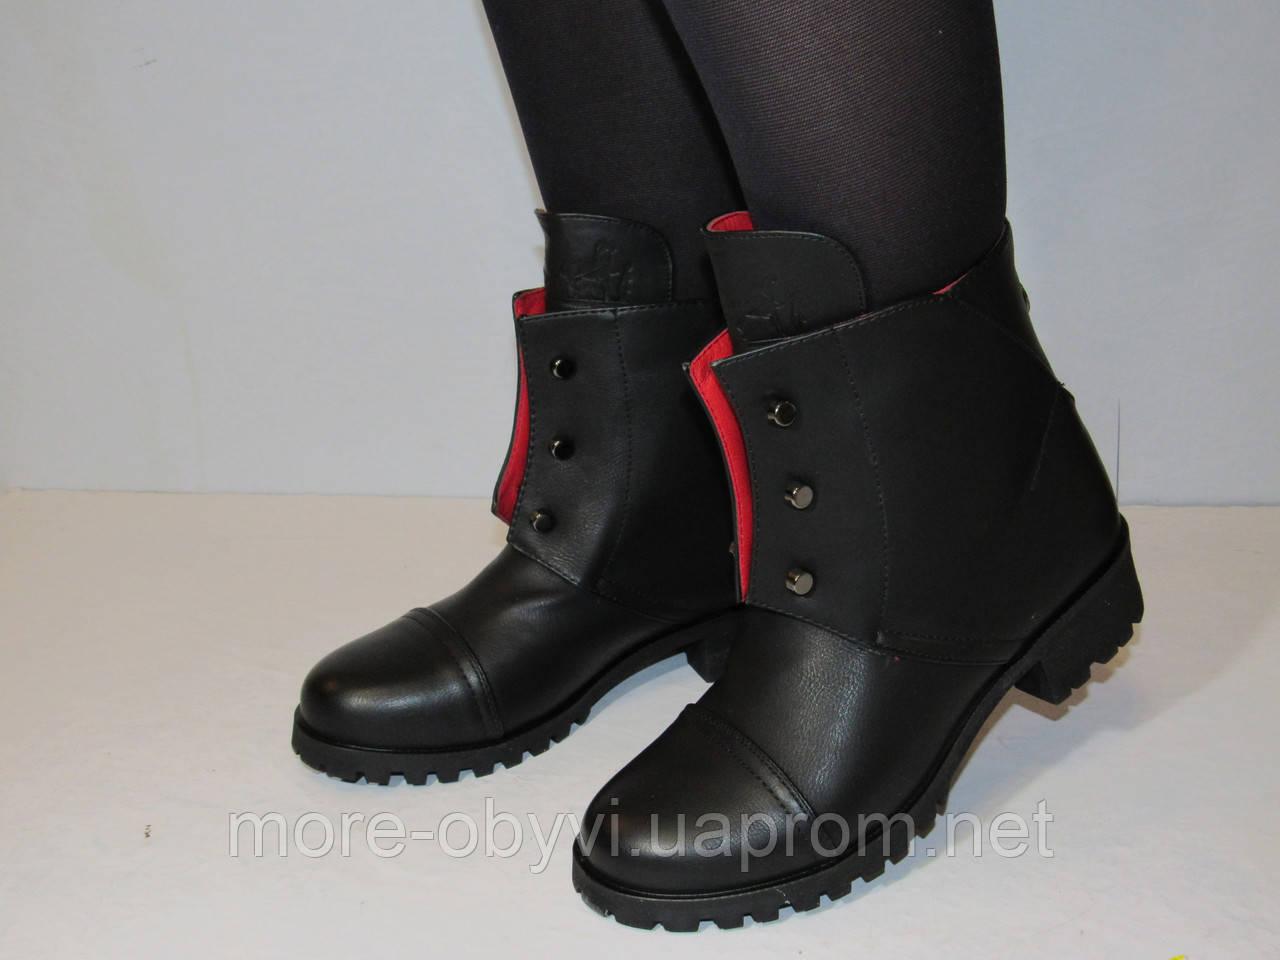 Ботинки (Hermes) весна-осень , размер 36-40  продажа, цена в ... 24115566a7a